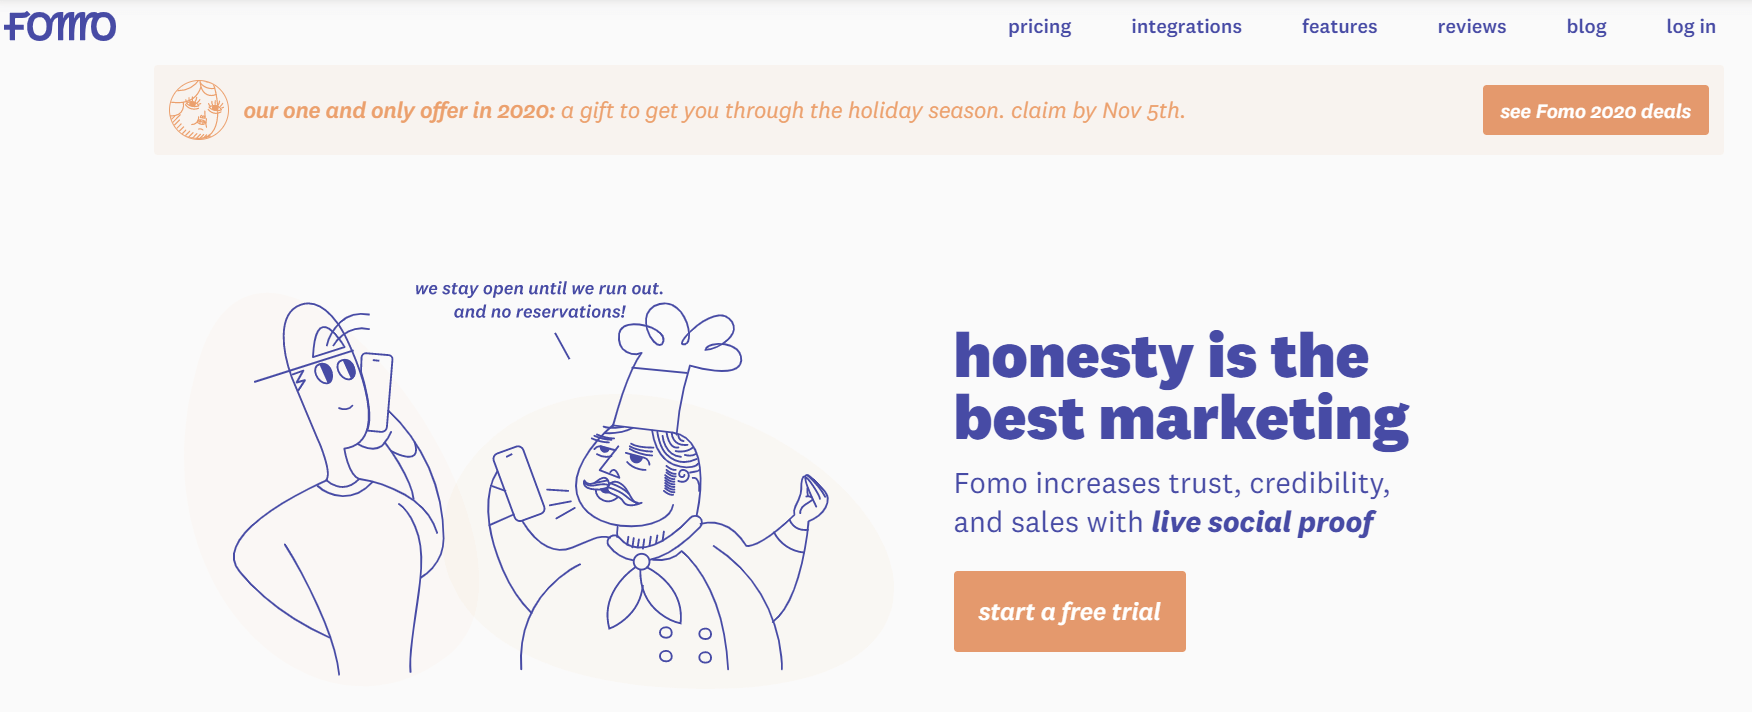 FOMO homepage